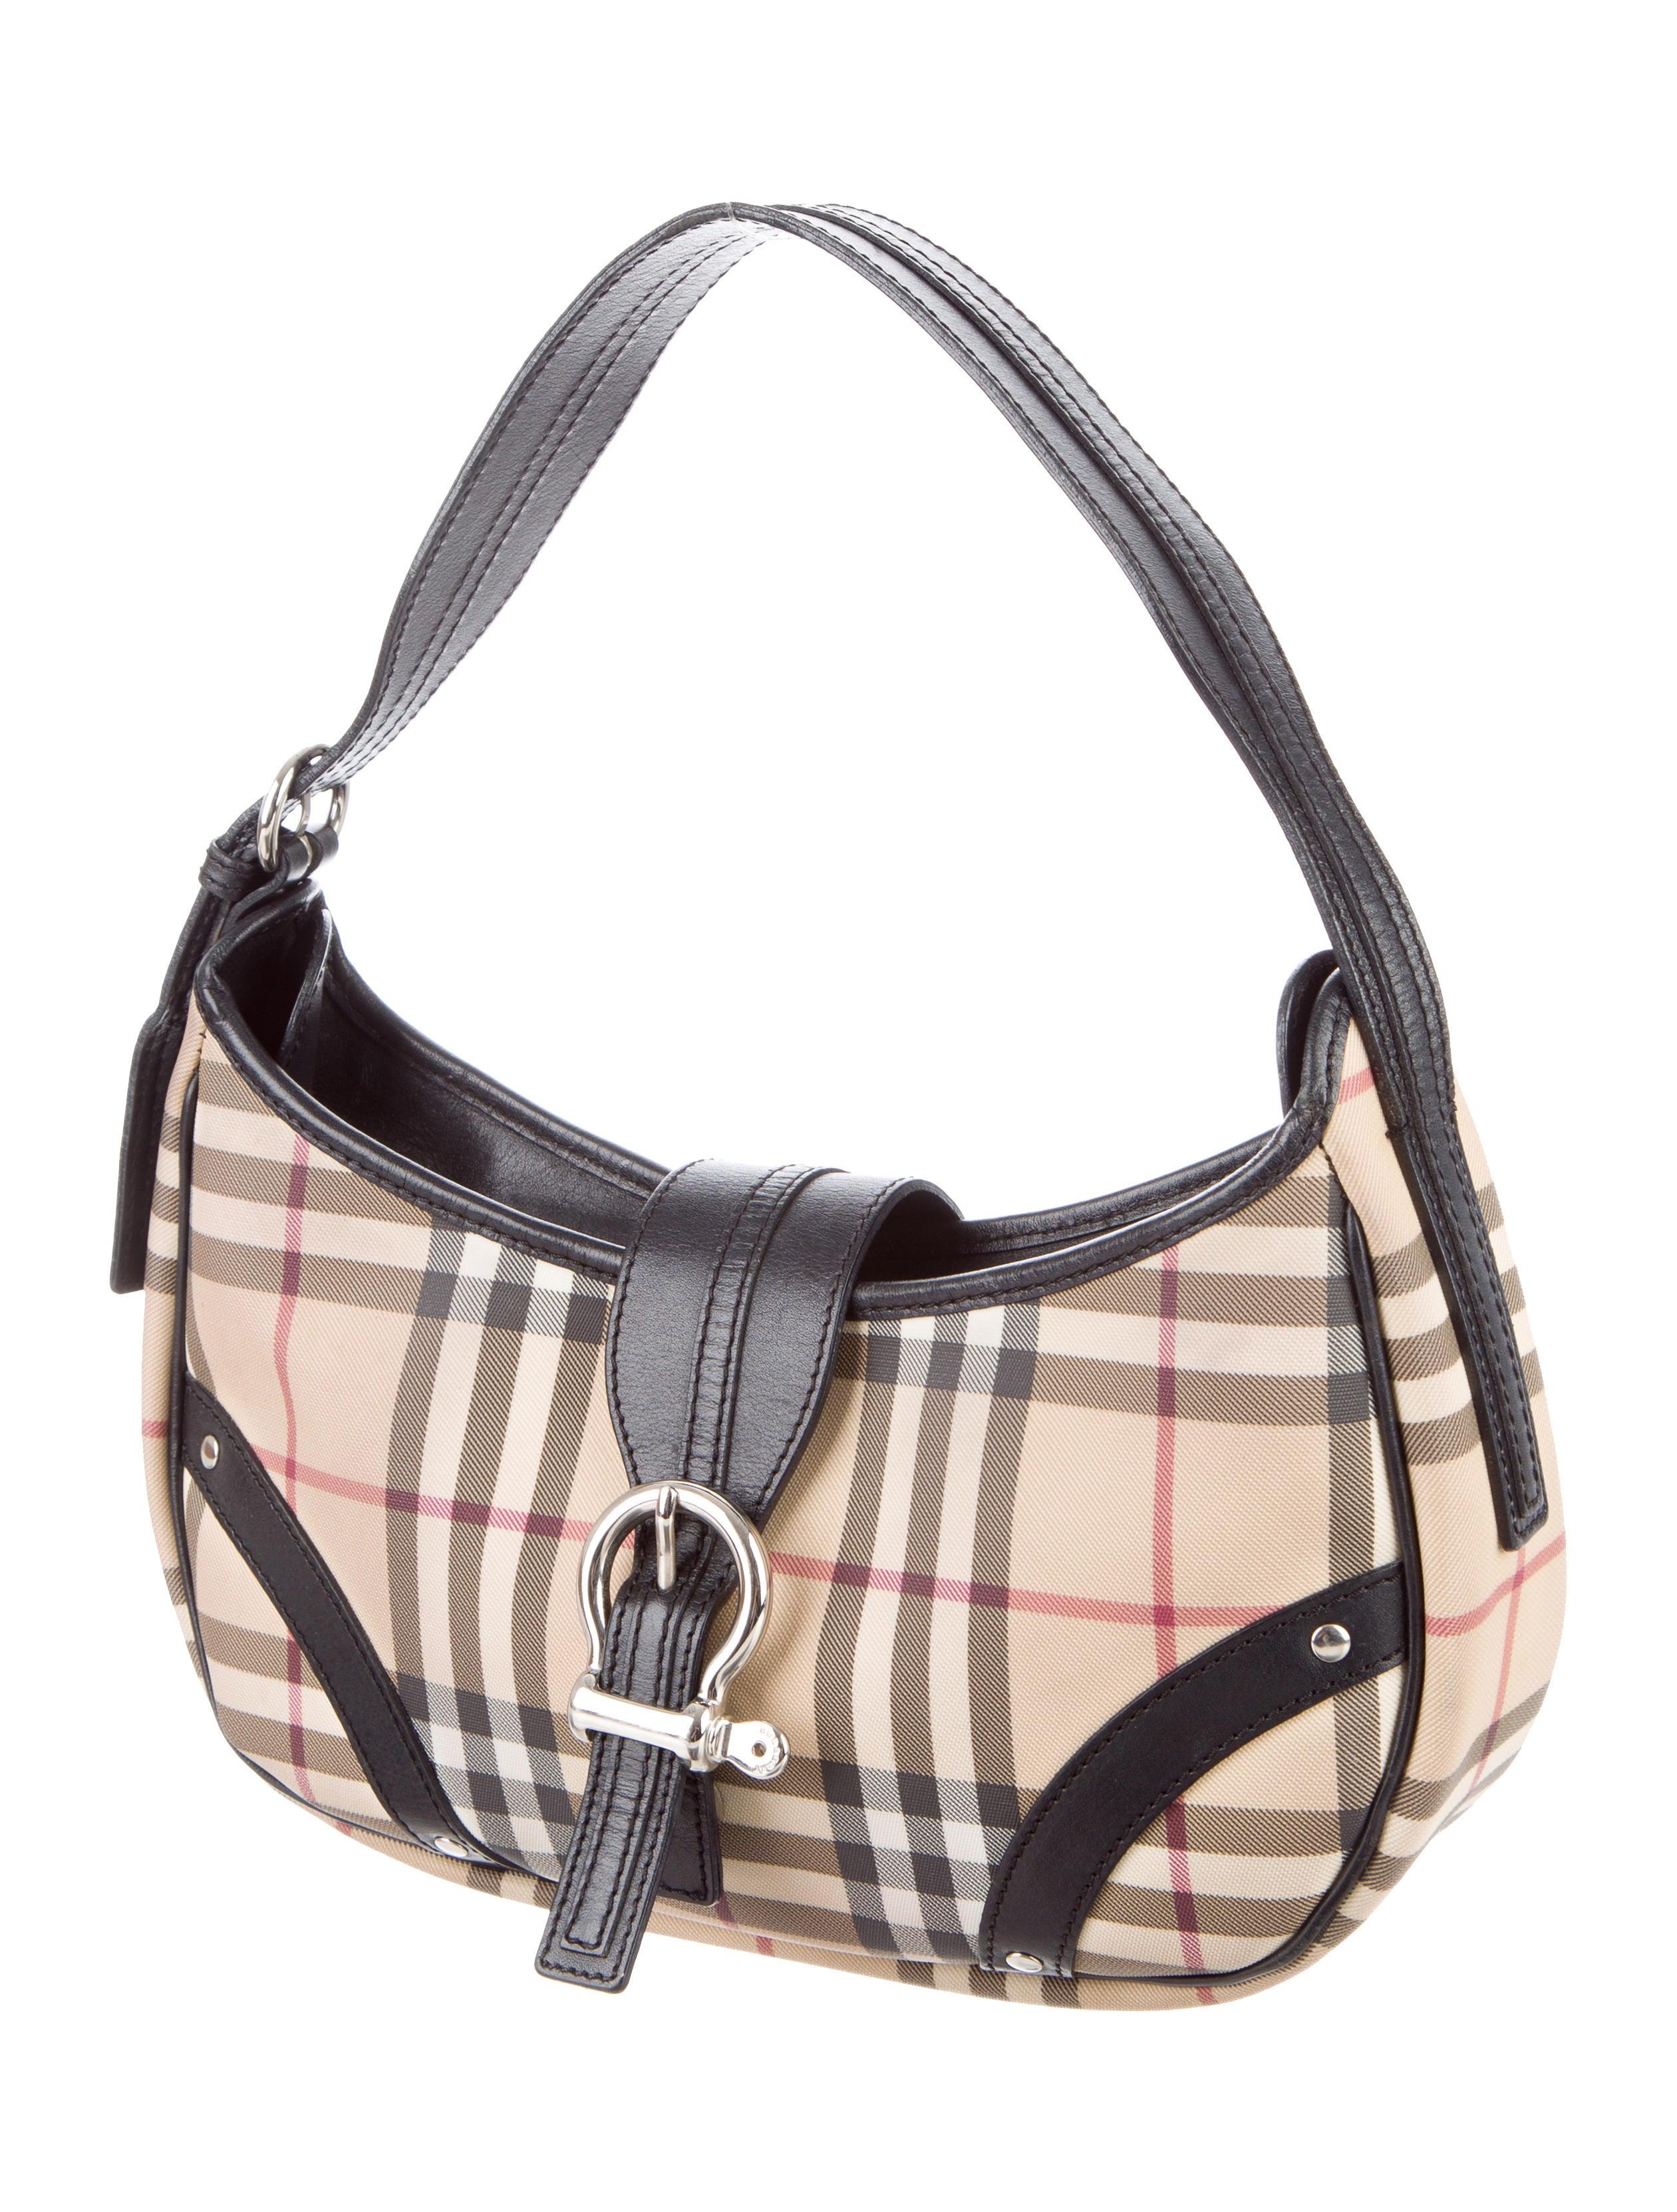 Burberry Nova Check Shoulder Bag - Handbags - BUR73689 ...